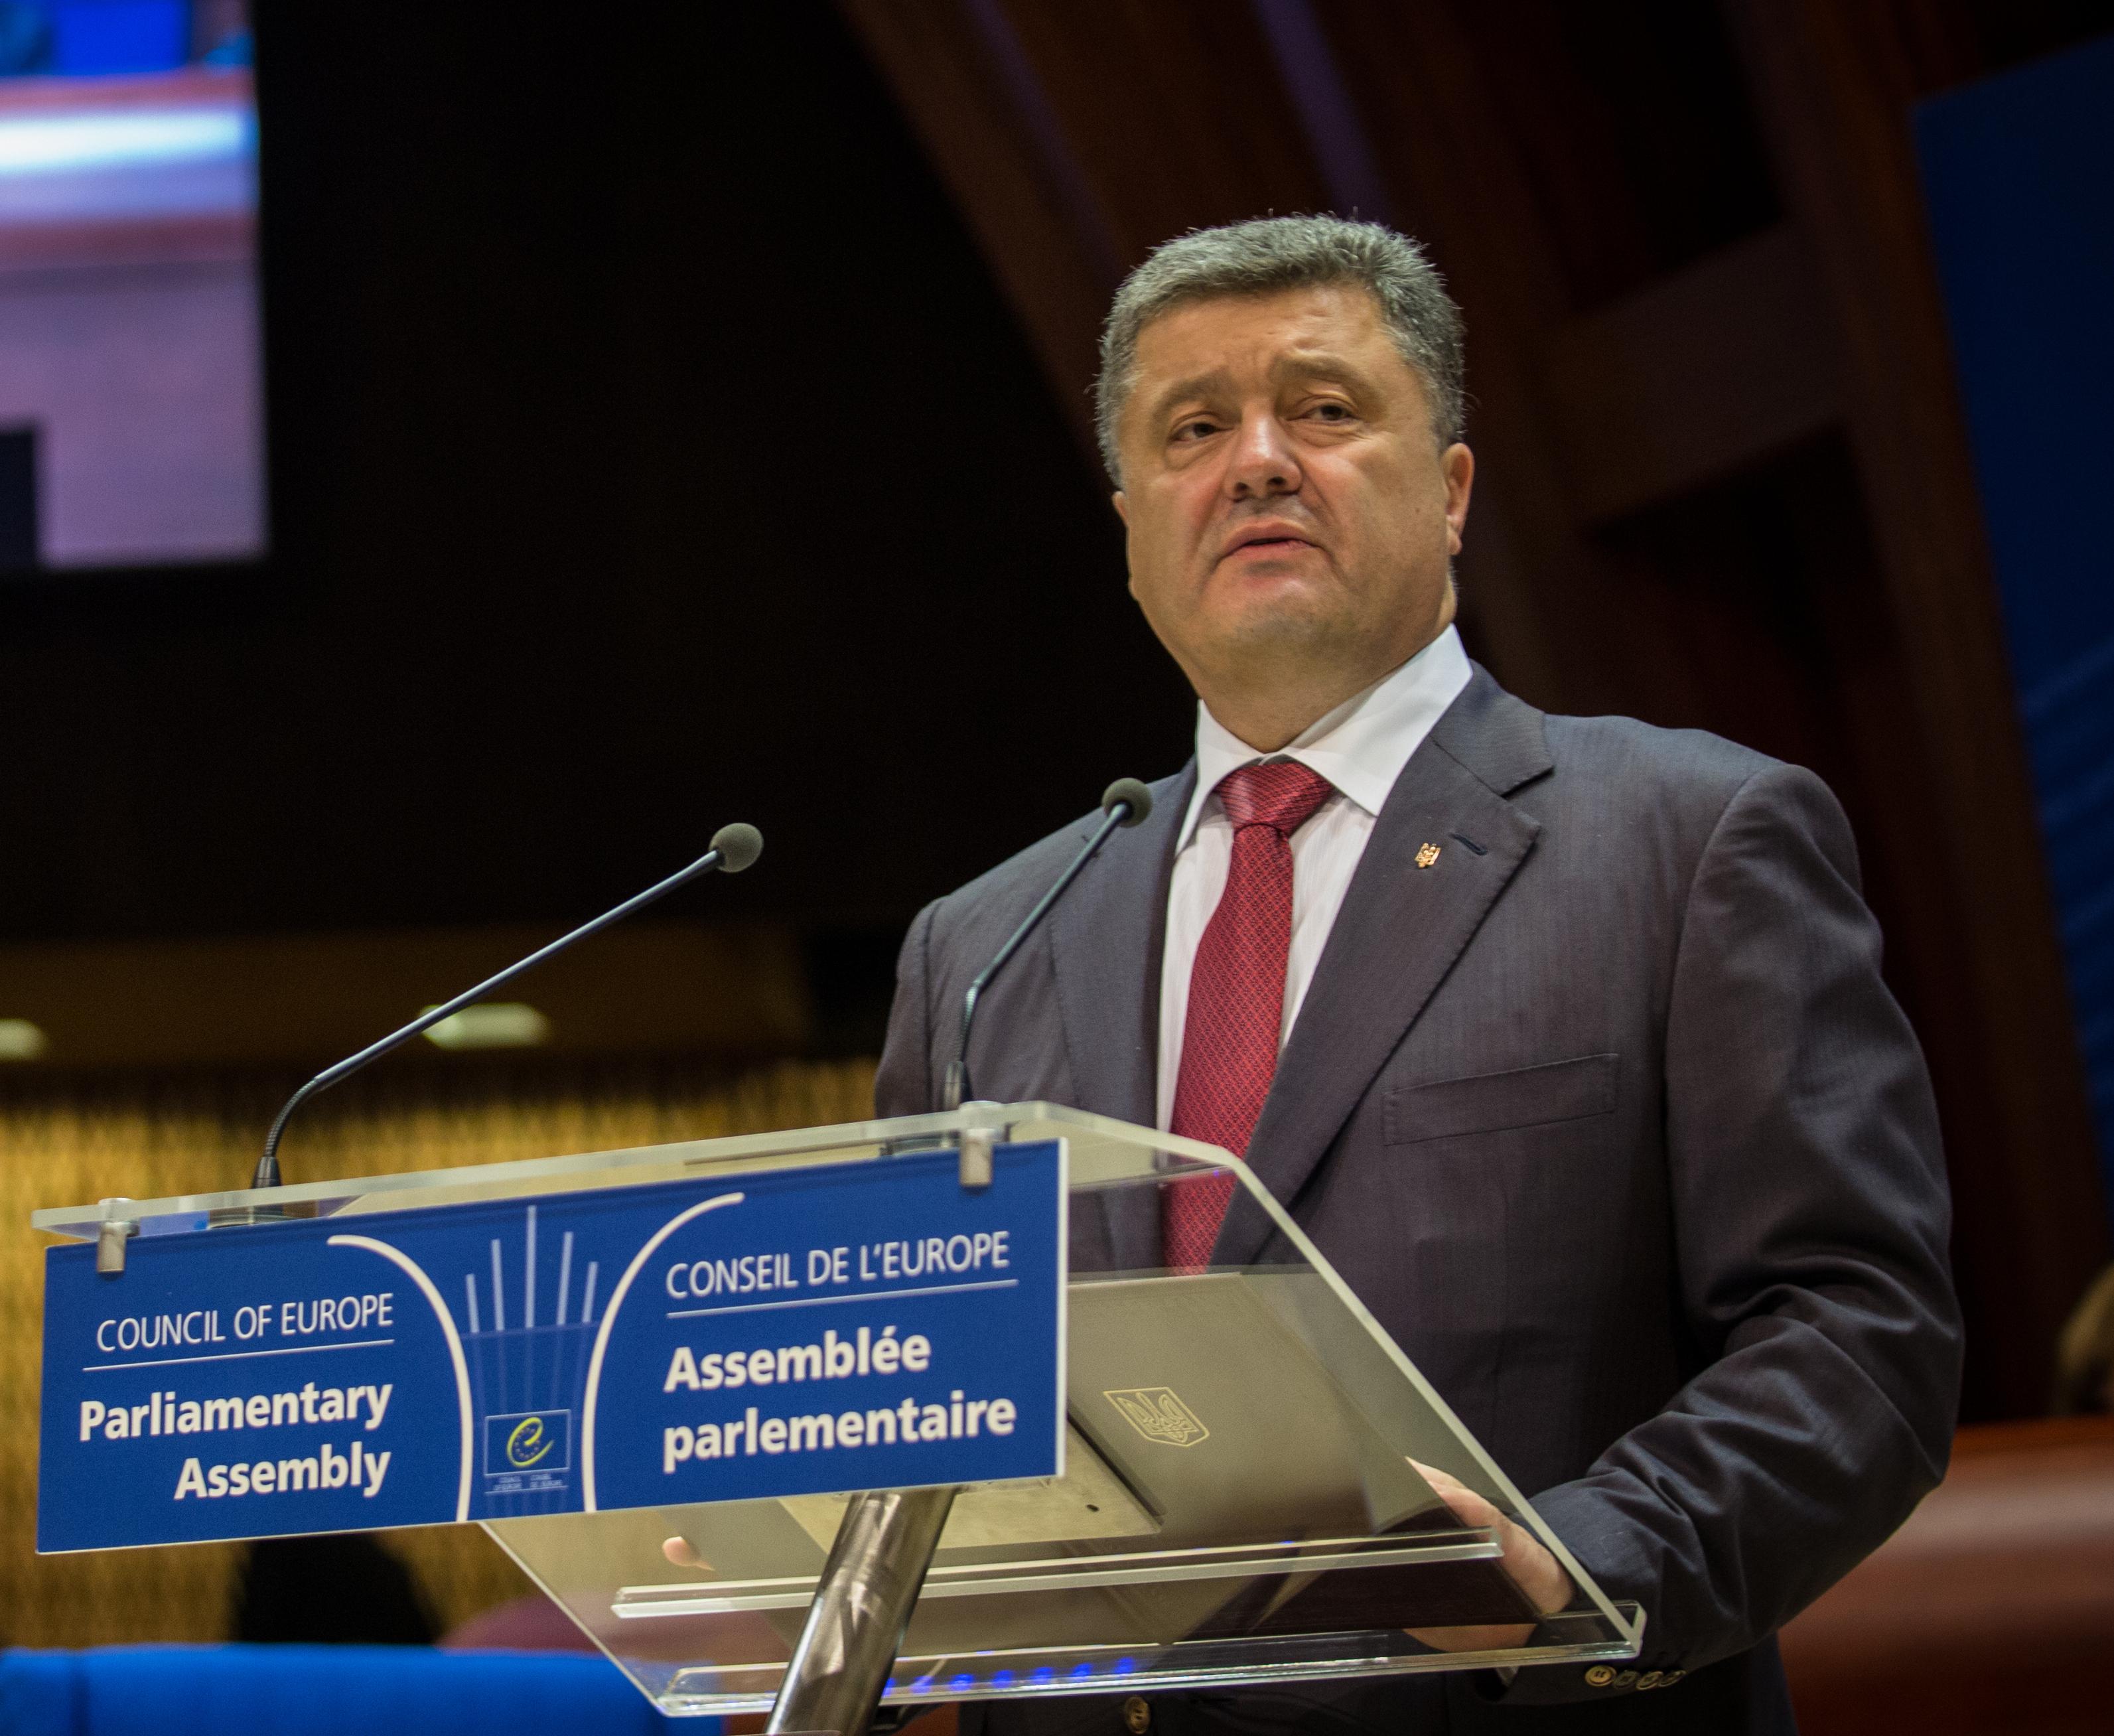 Petro Oleksiyovych Poroshenko